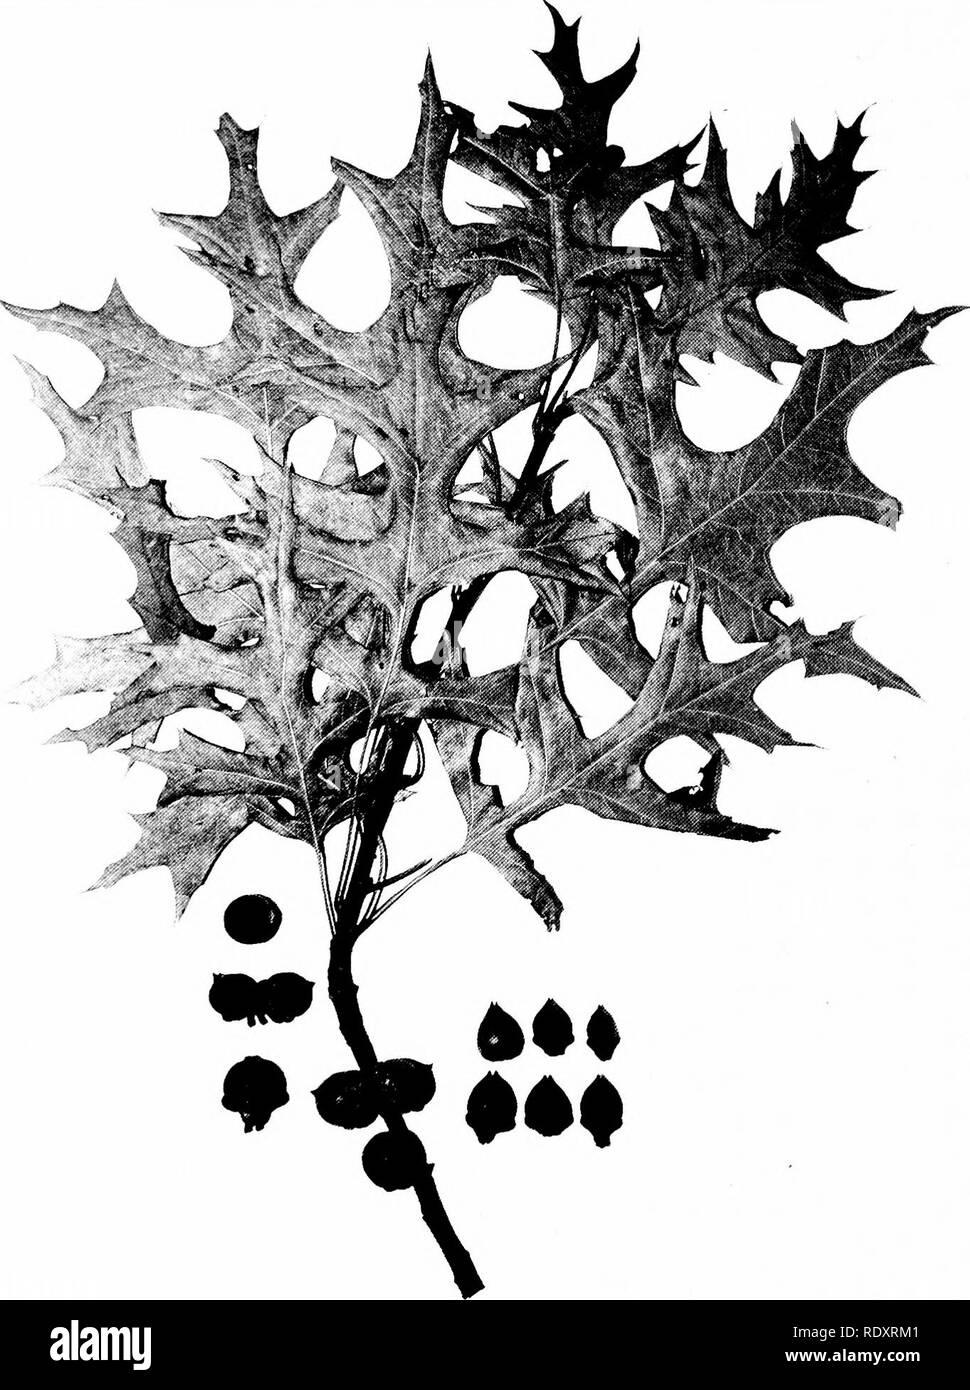 """. Árboles de Indiana. Los árboles. 124 Placa -""""iO.. QUEHCUS PALUSTRIS Muenchhausen. (X >2-) bellotas de diferentes árboles. Aquellos en la izquierda la forma común, los de la derecha la forma rara.. Por favor tenga en cuenta que estas imágenes son extraídas de la página escaneada imágenes que podrían haber sido mejoradas digitalmente para mejorar la legibilidad, la coloración y el aspecto de estas ilustraciones pueden no parecerse perfectamente a la obra original. Deam, Charles Clemon, 1865-1953. Fort Wayne, Indiana , Fort Wayne Printing Co. Foto de stock"""